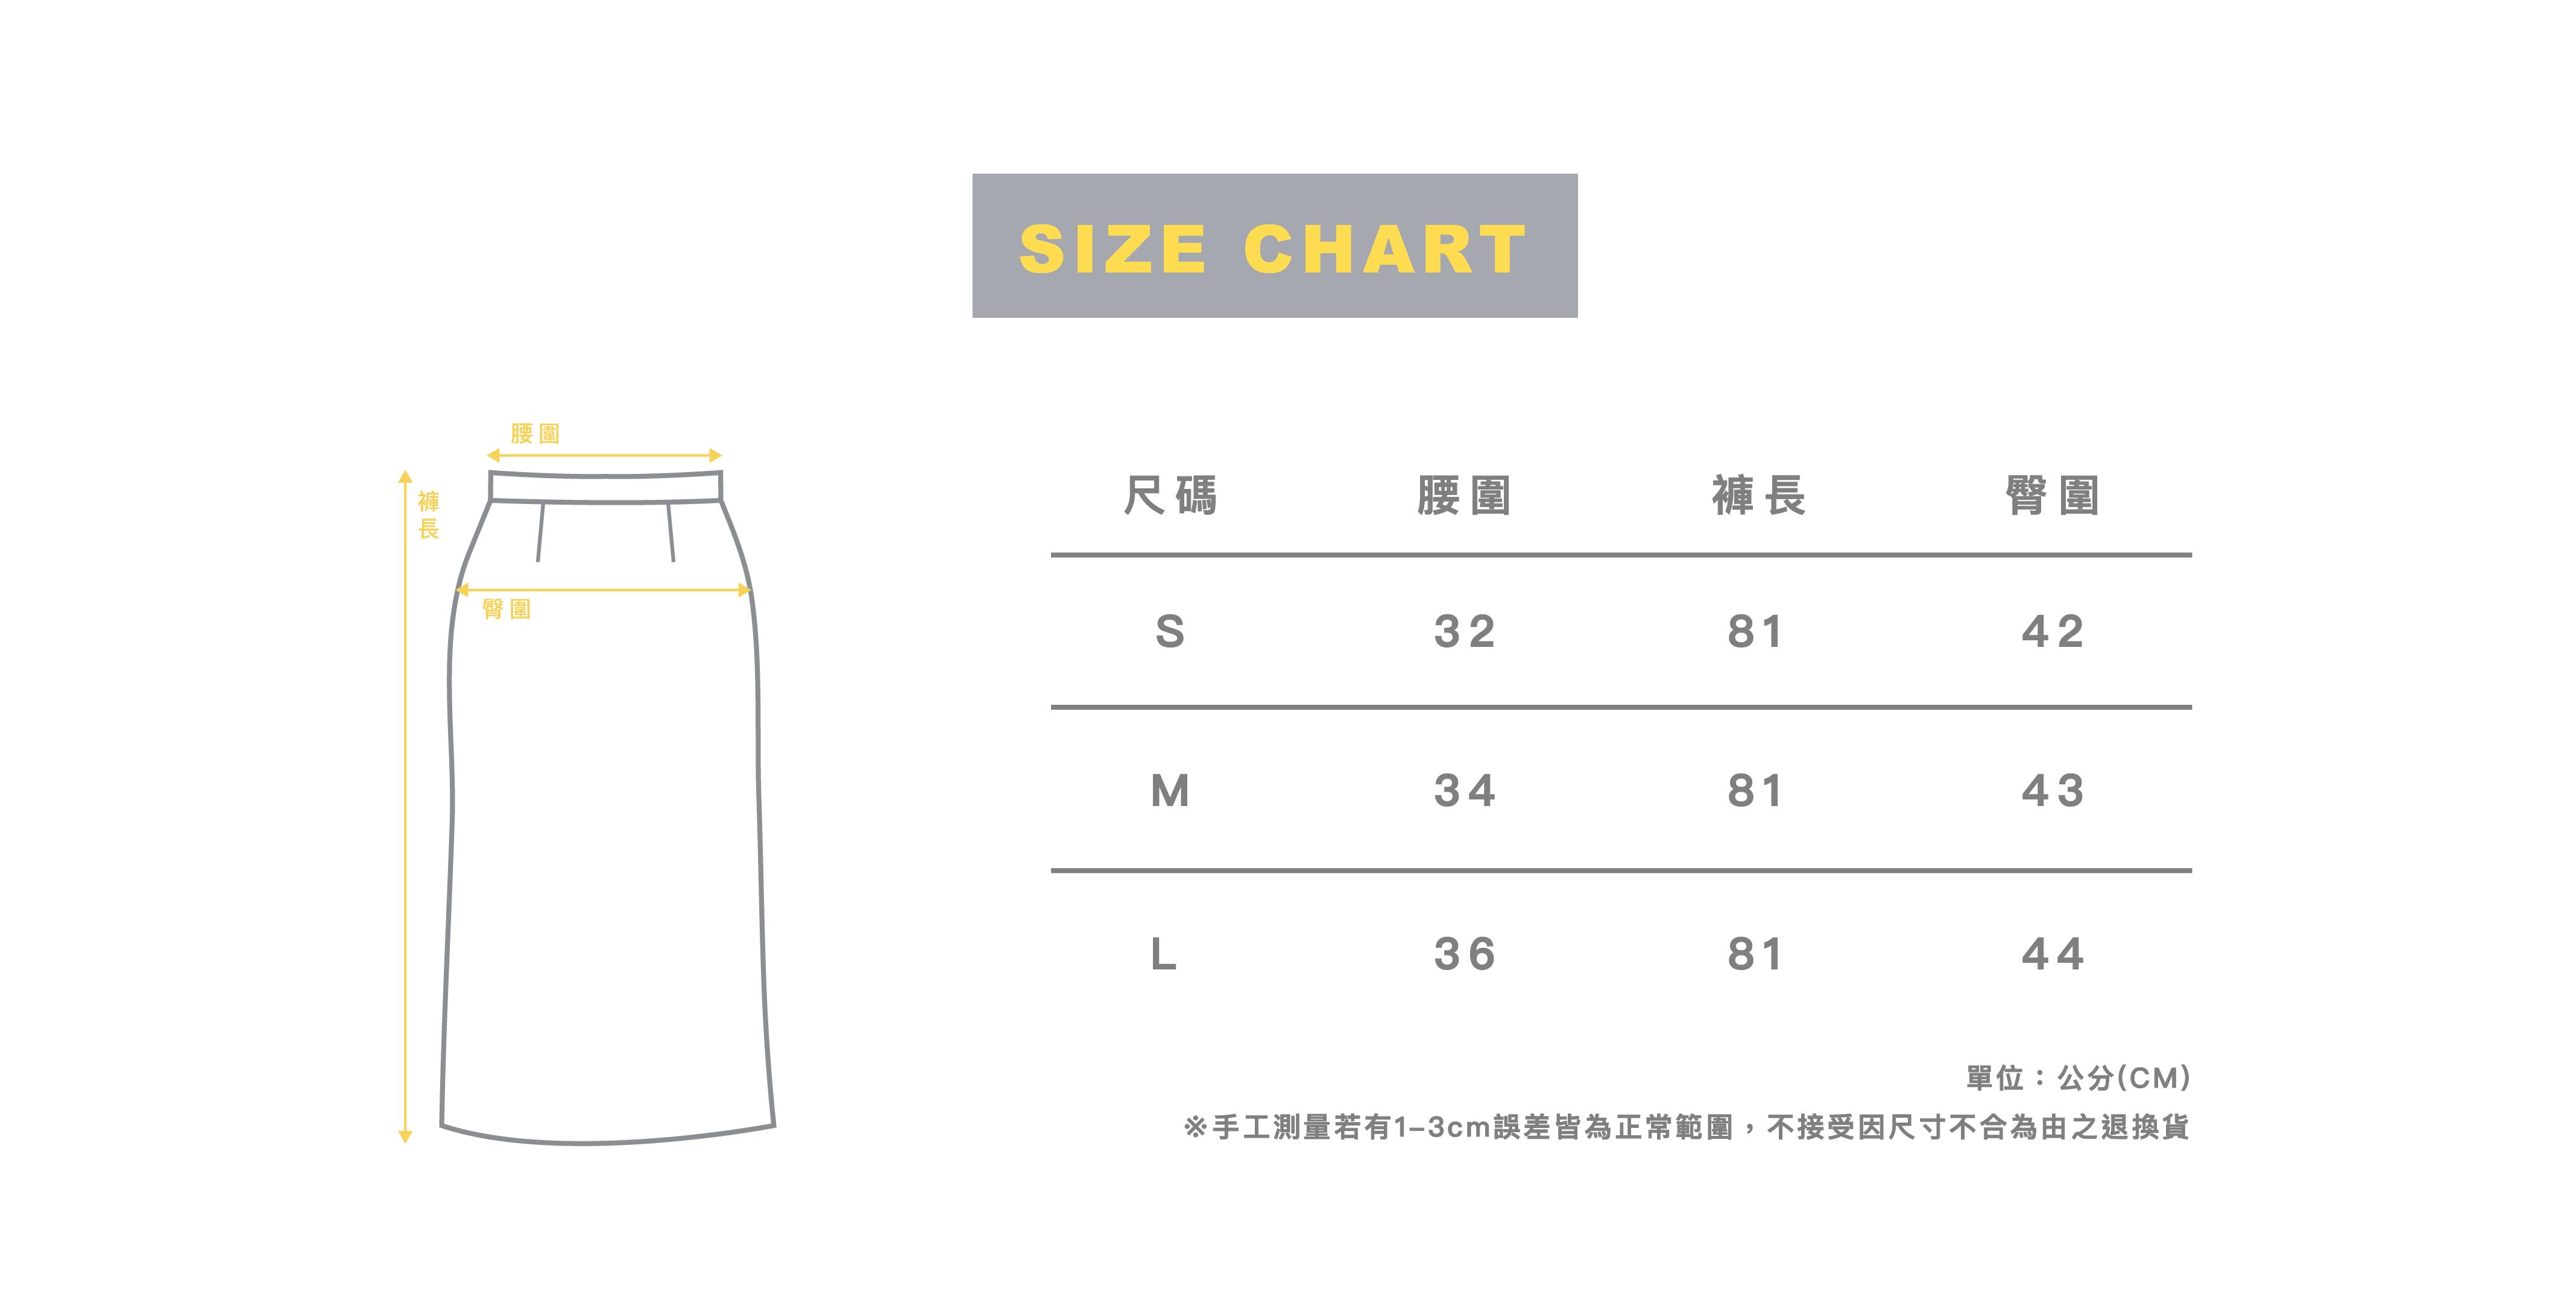 7月女裝尺寸表_長裙.jpg